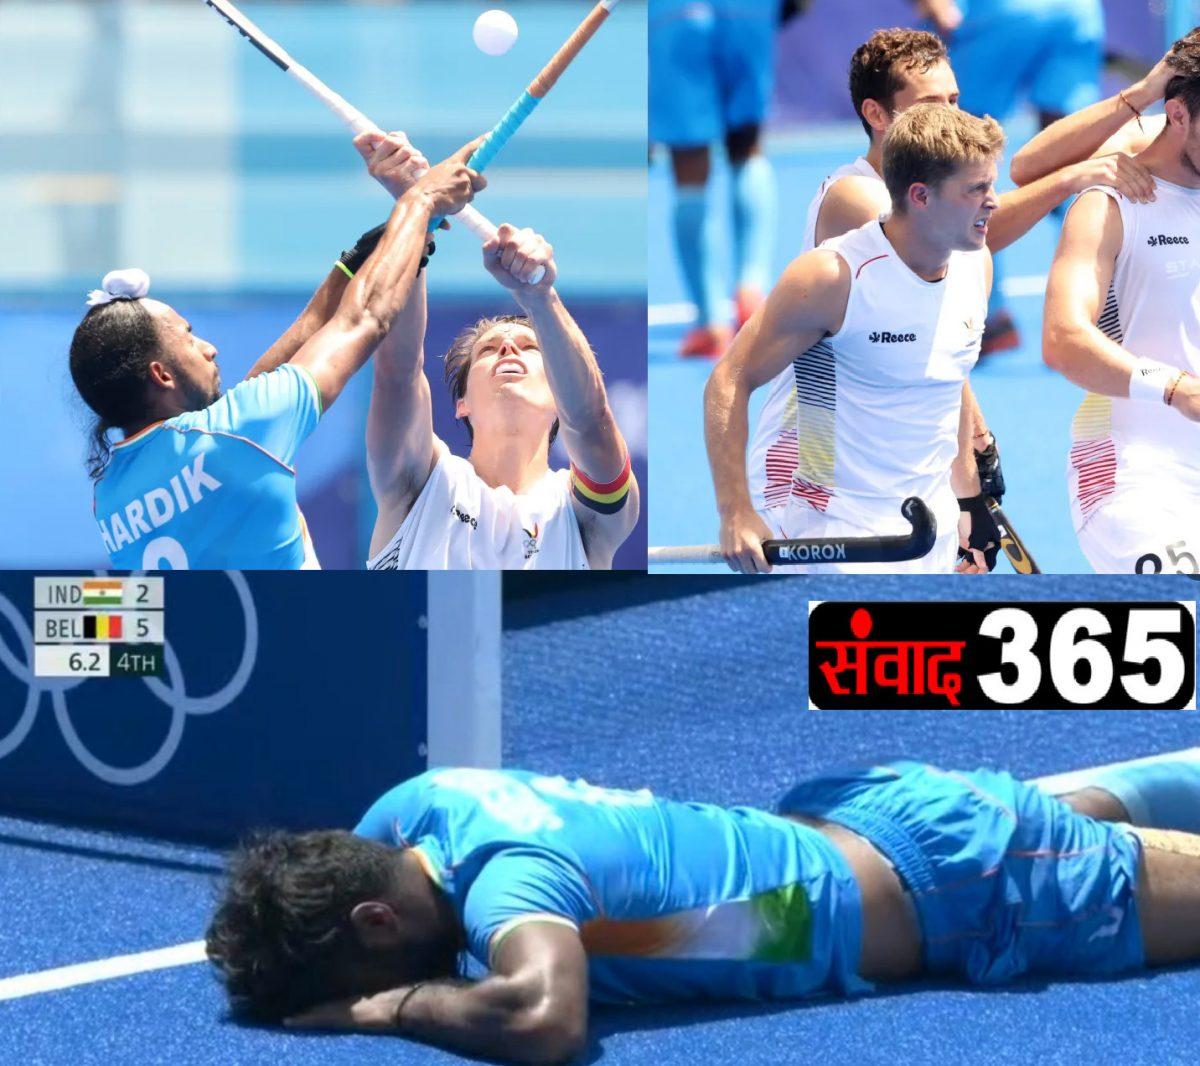 Tokyo Olympics 2020: बेल्जियम से हारी भारतीय पुरुष हॉकी टीम, कंस्य पदक की उम्मीद अभी भी बरकरार